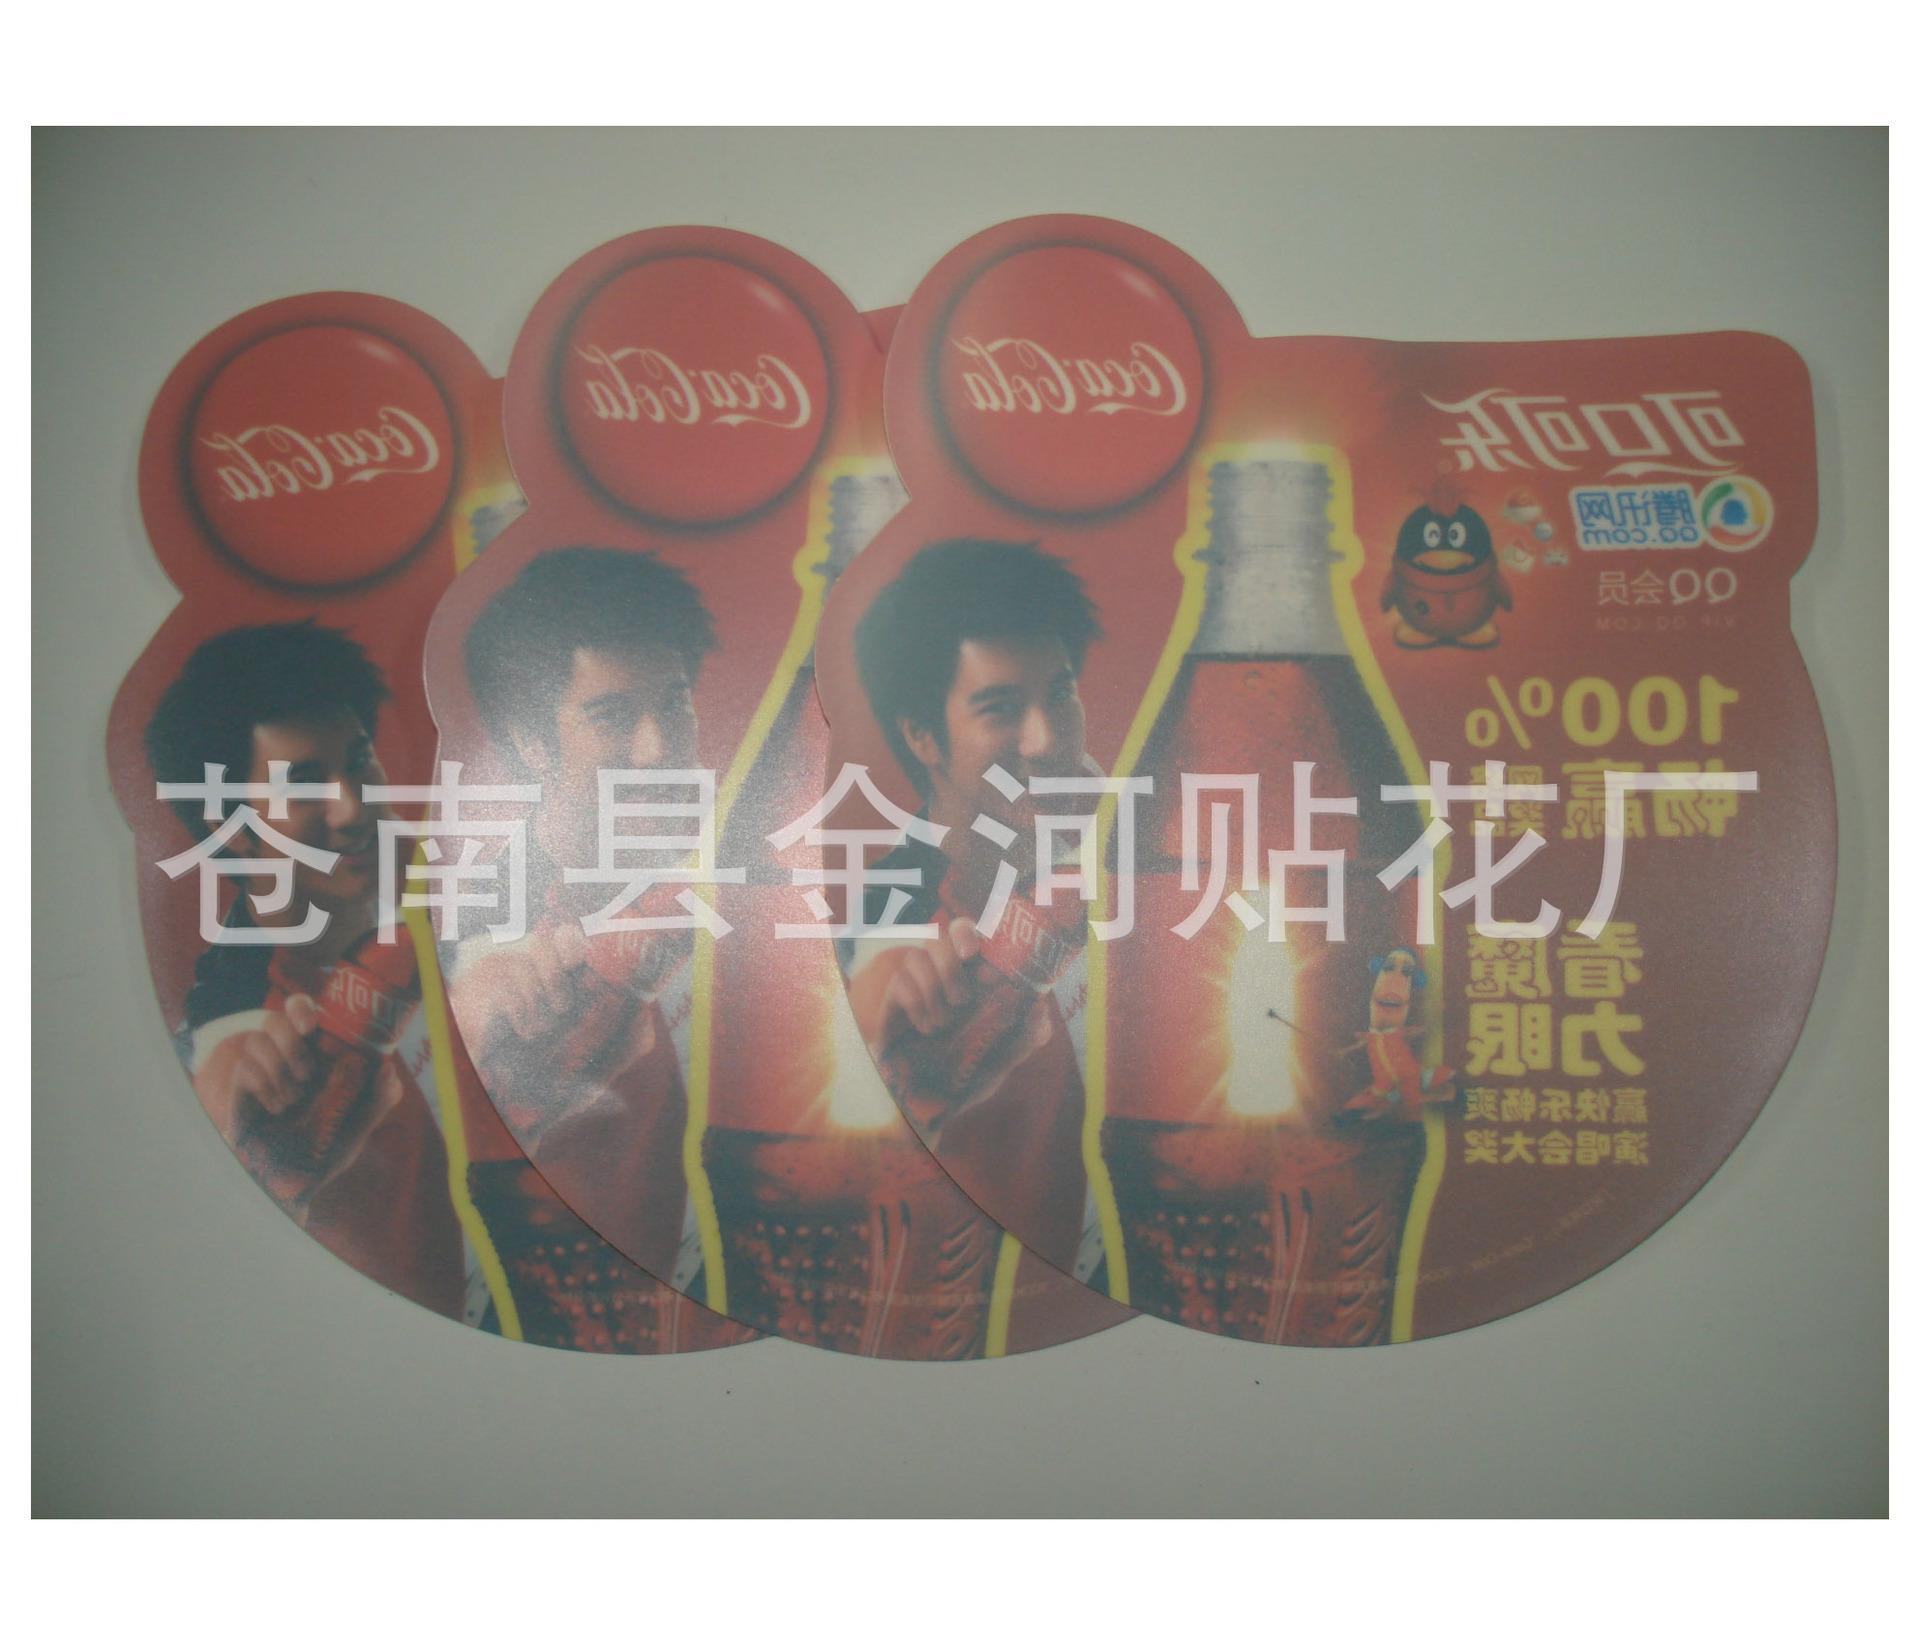 厂家定制批发无胶高粘透明乳白材质静电膜广告贴,标识贴